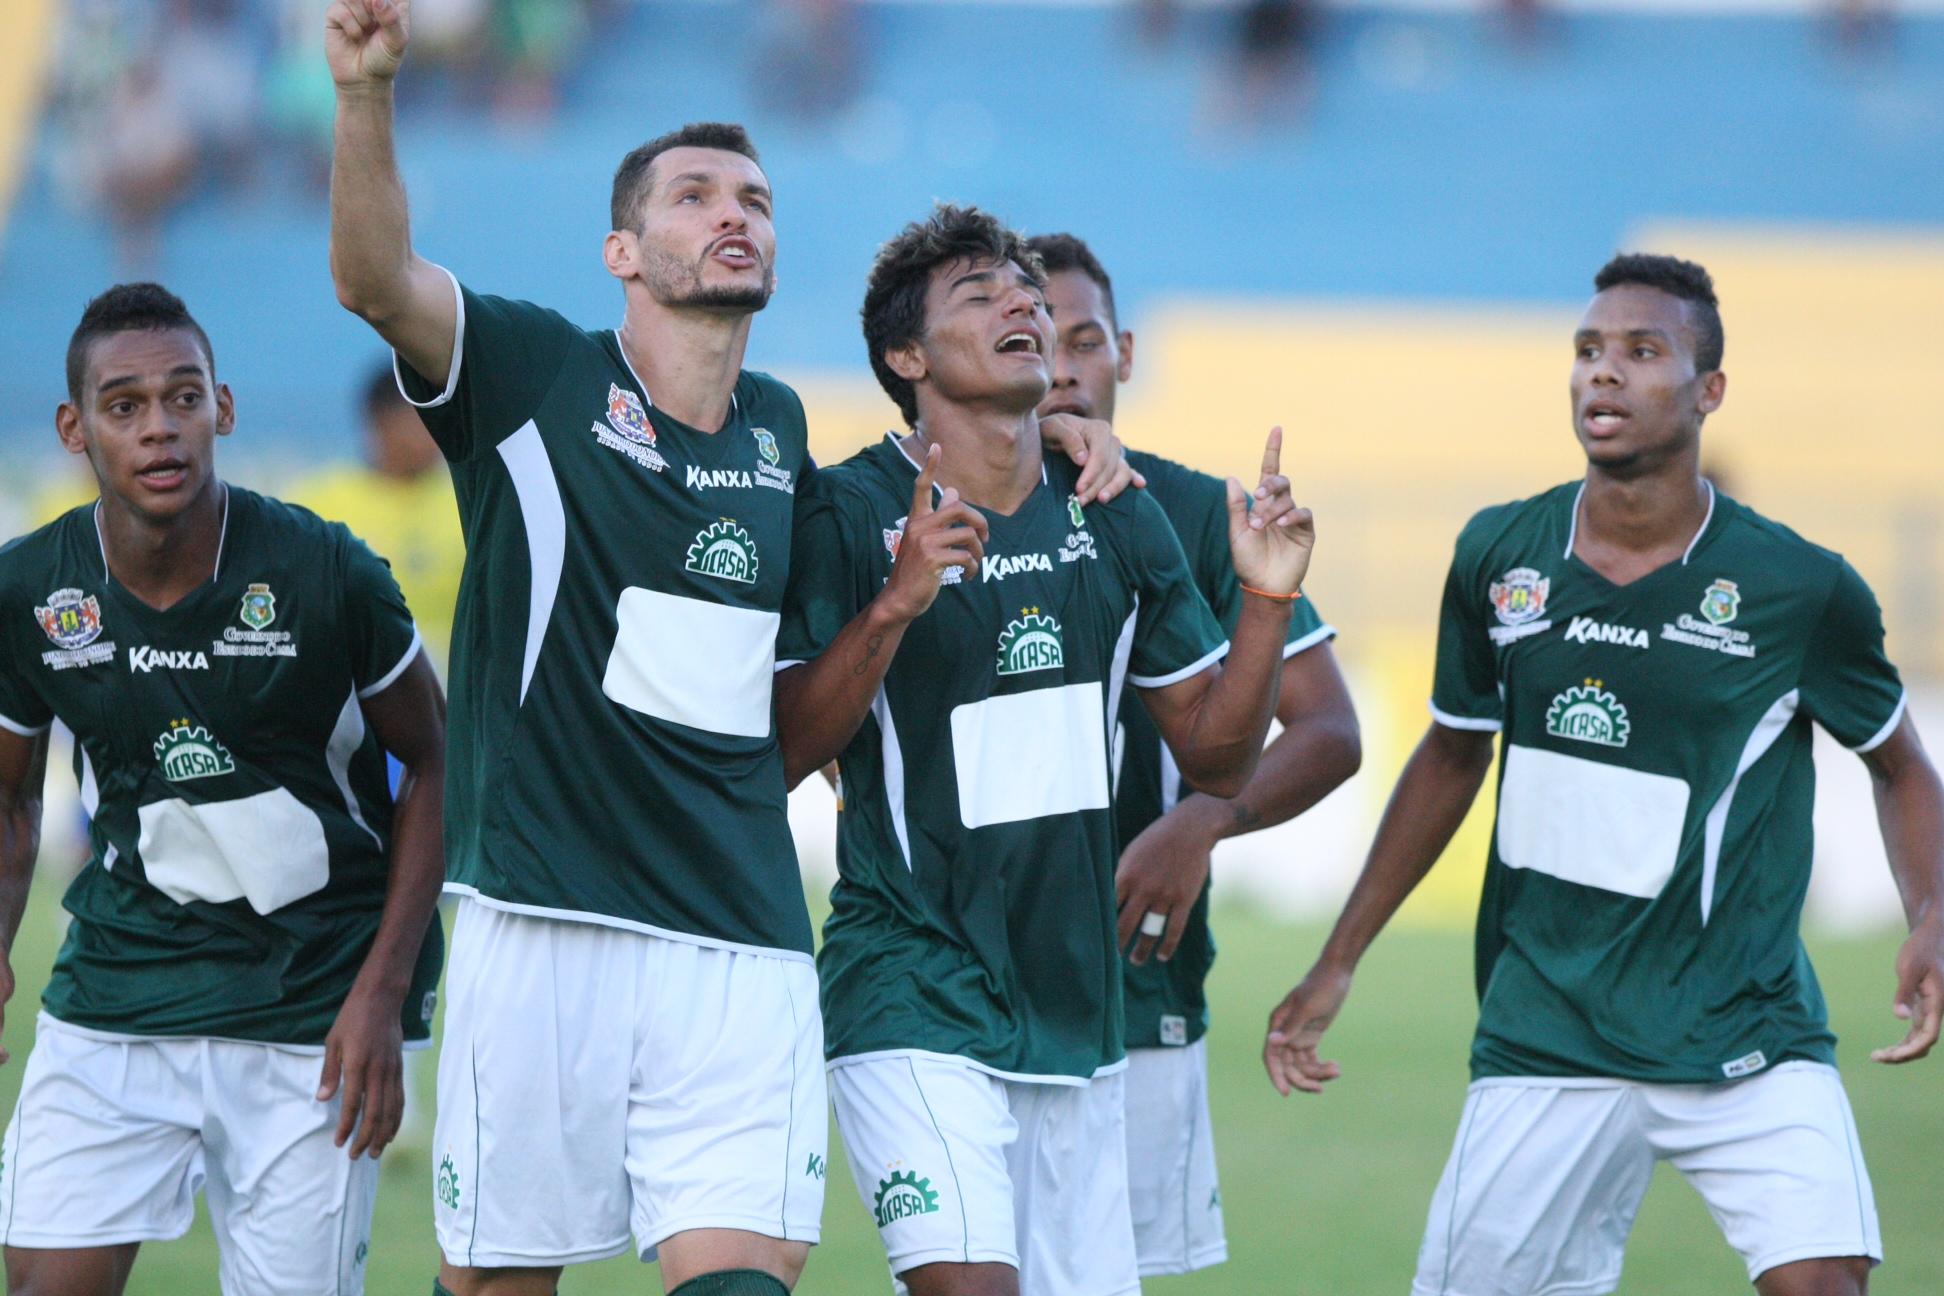 Dupla do Cariri vence e se posiciona bem no Campeonato Cearense - Globo.com